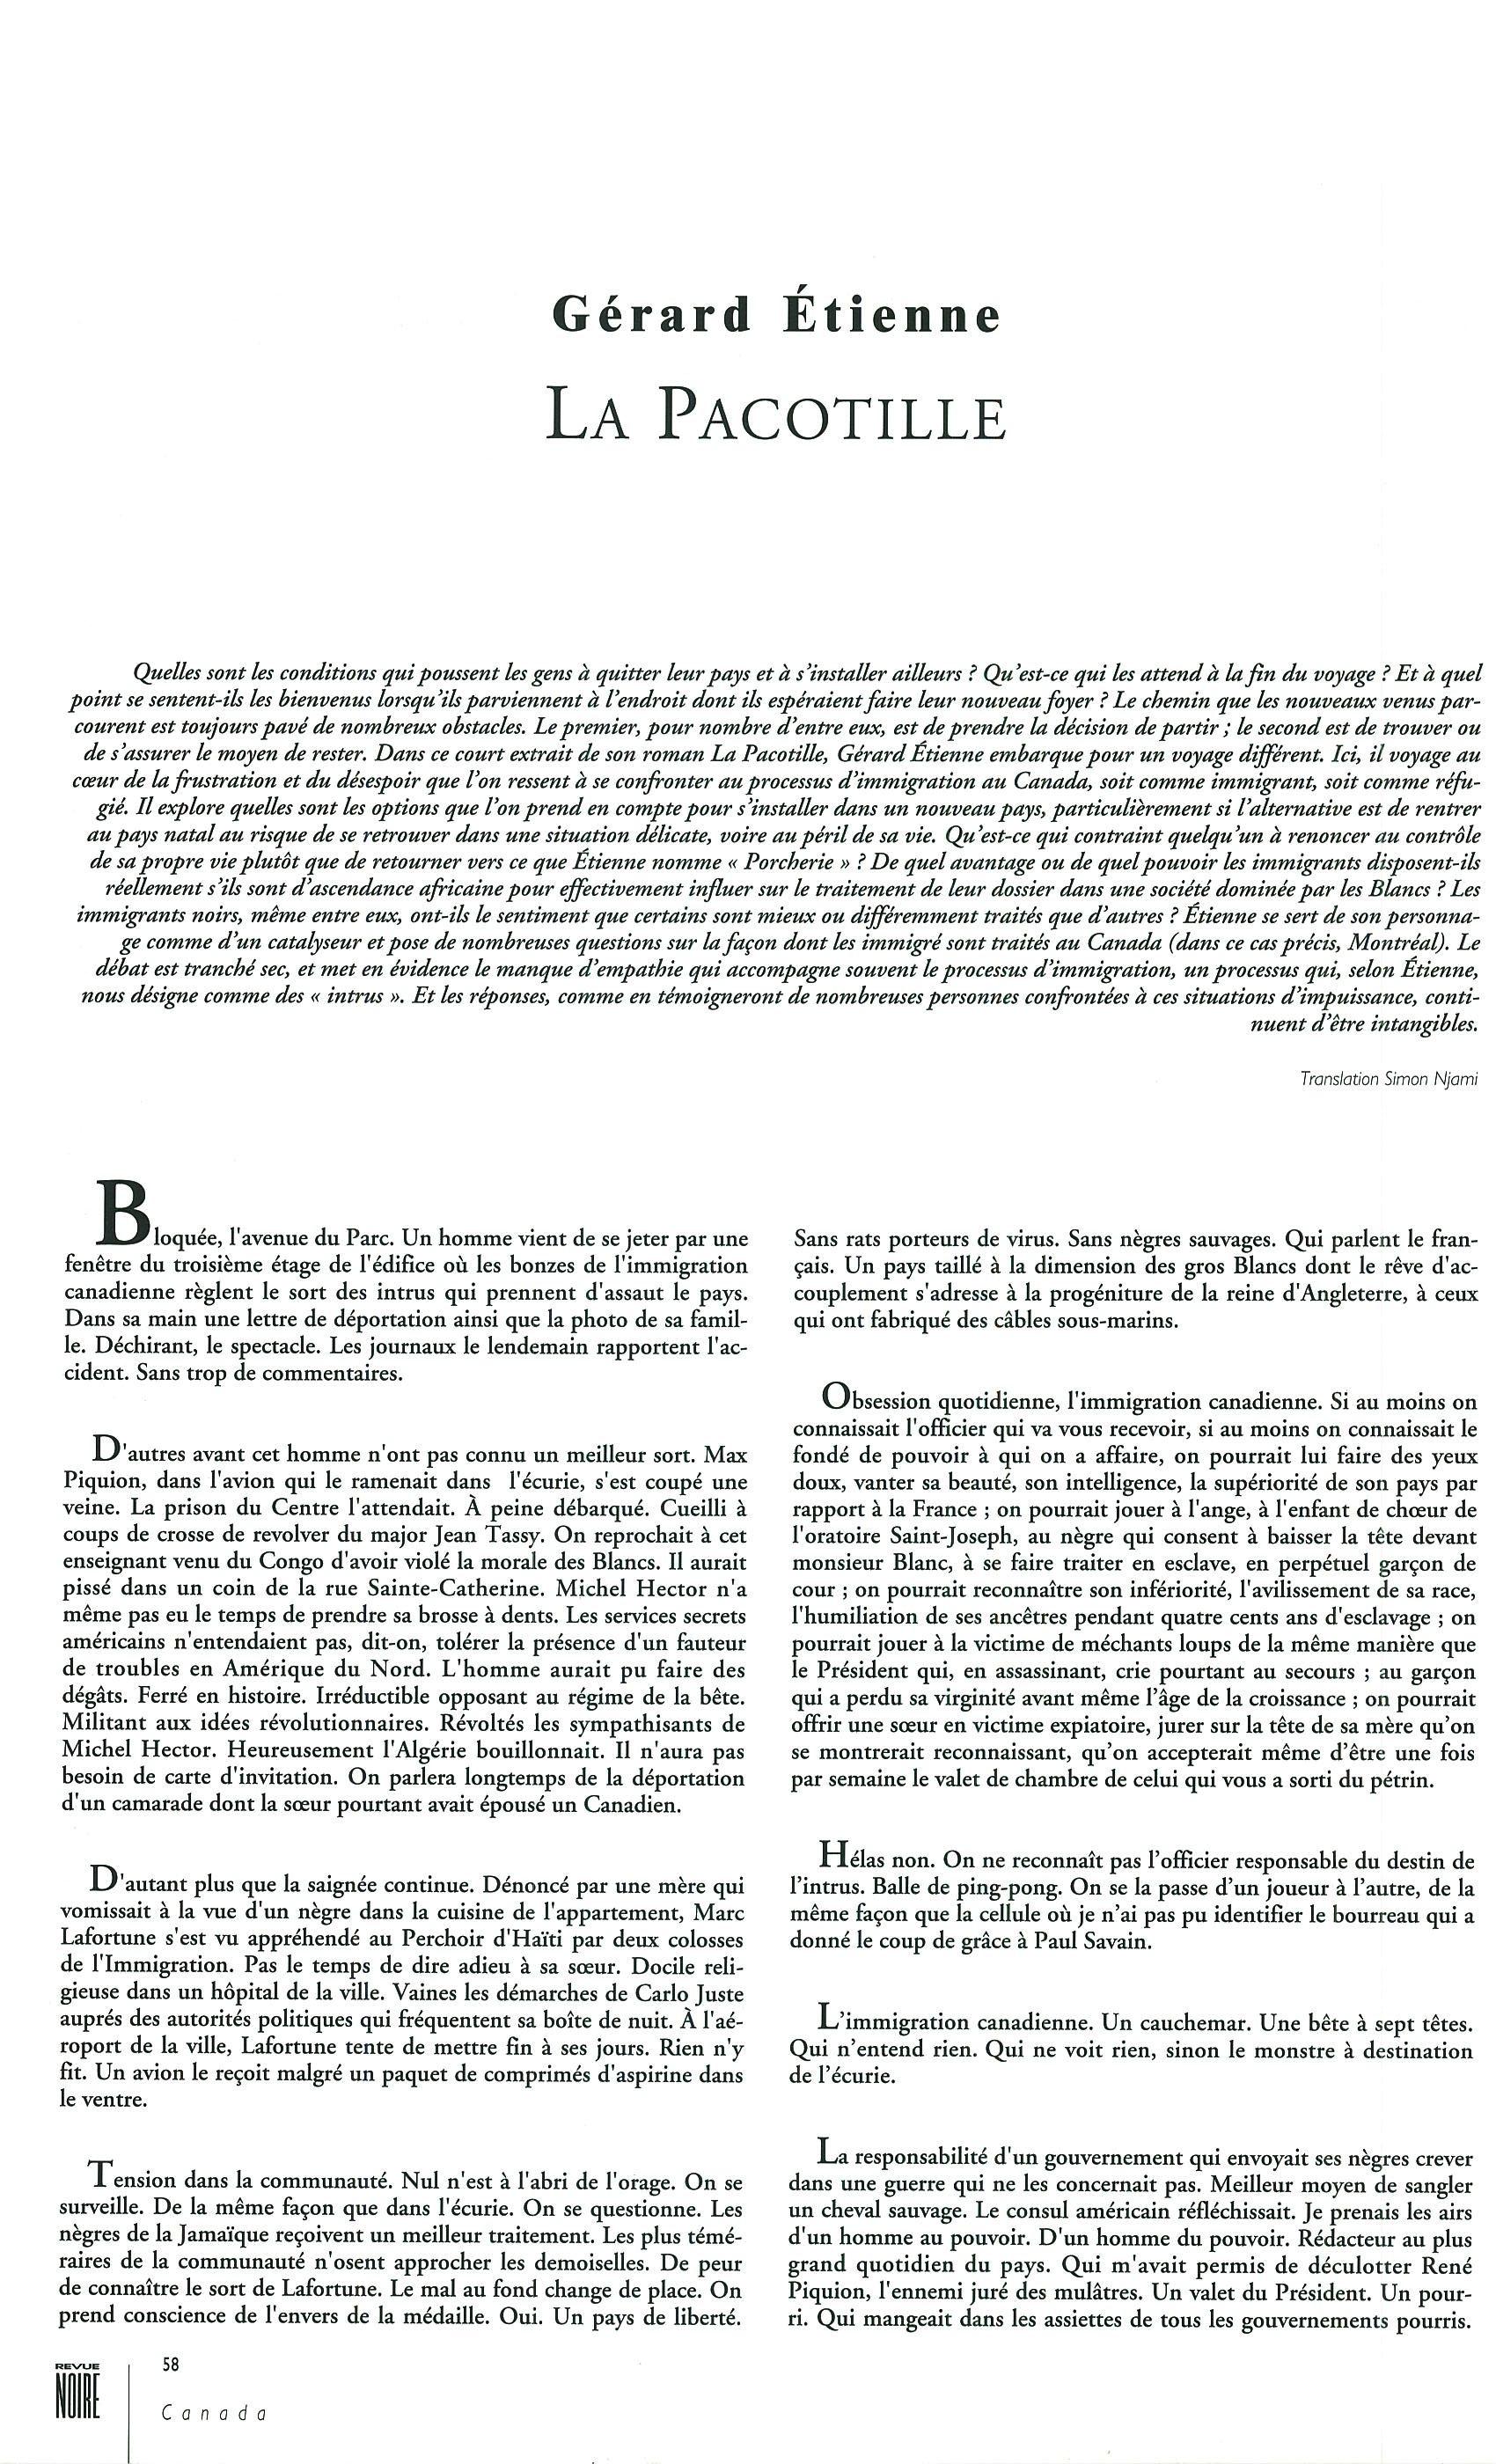 2. Revue Noire book_Page_061